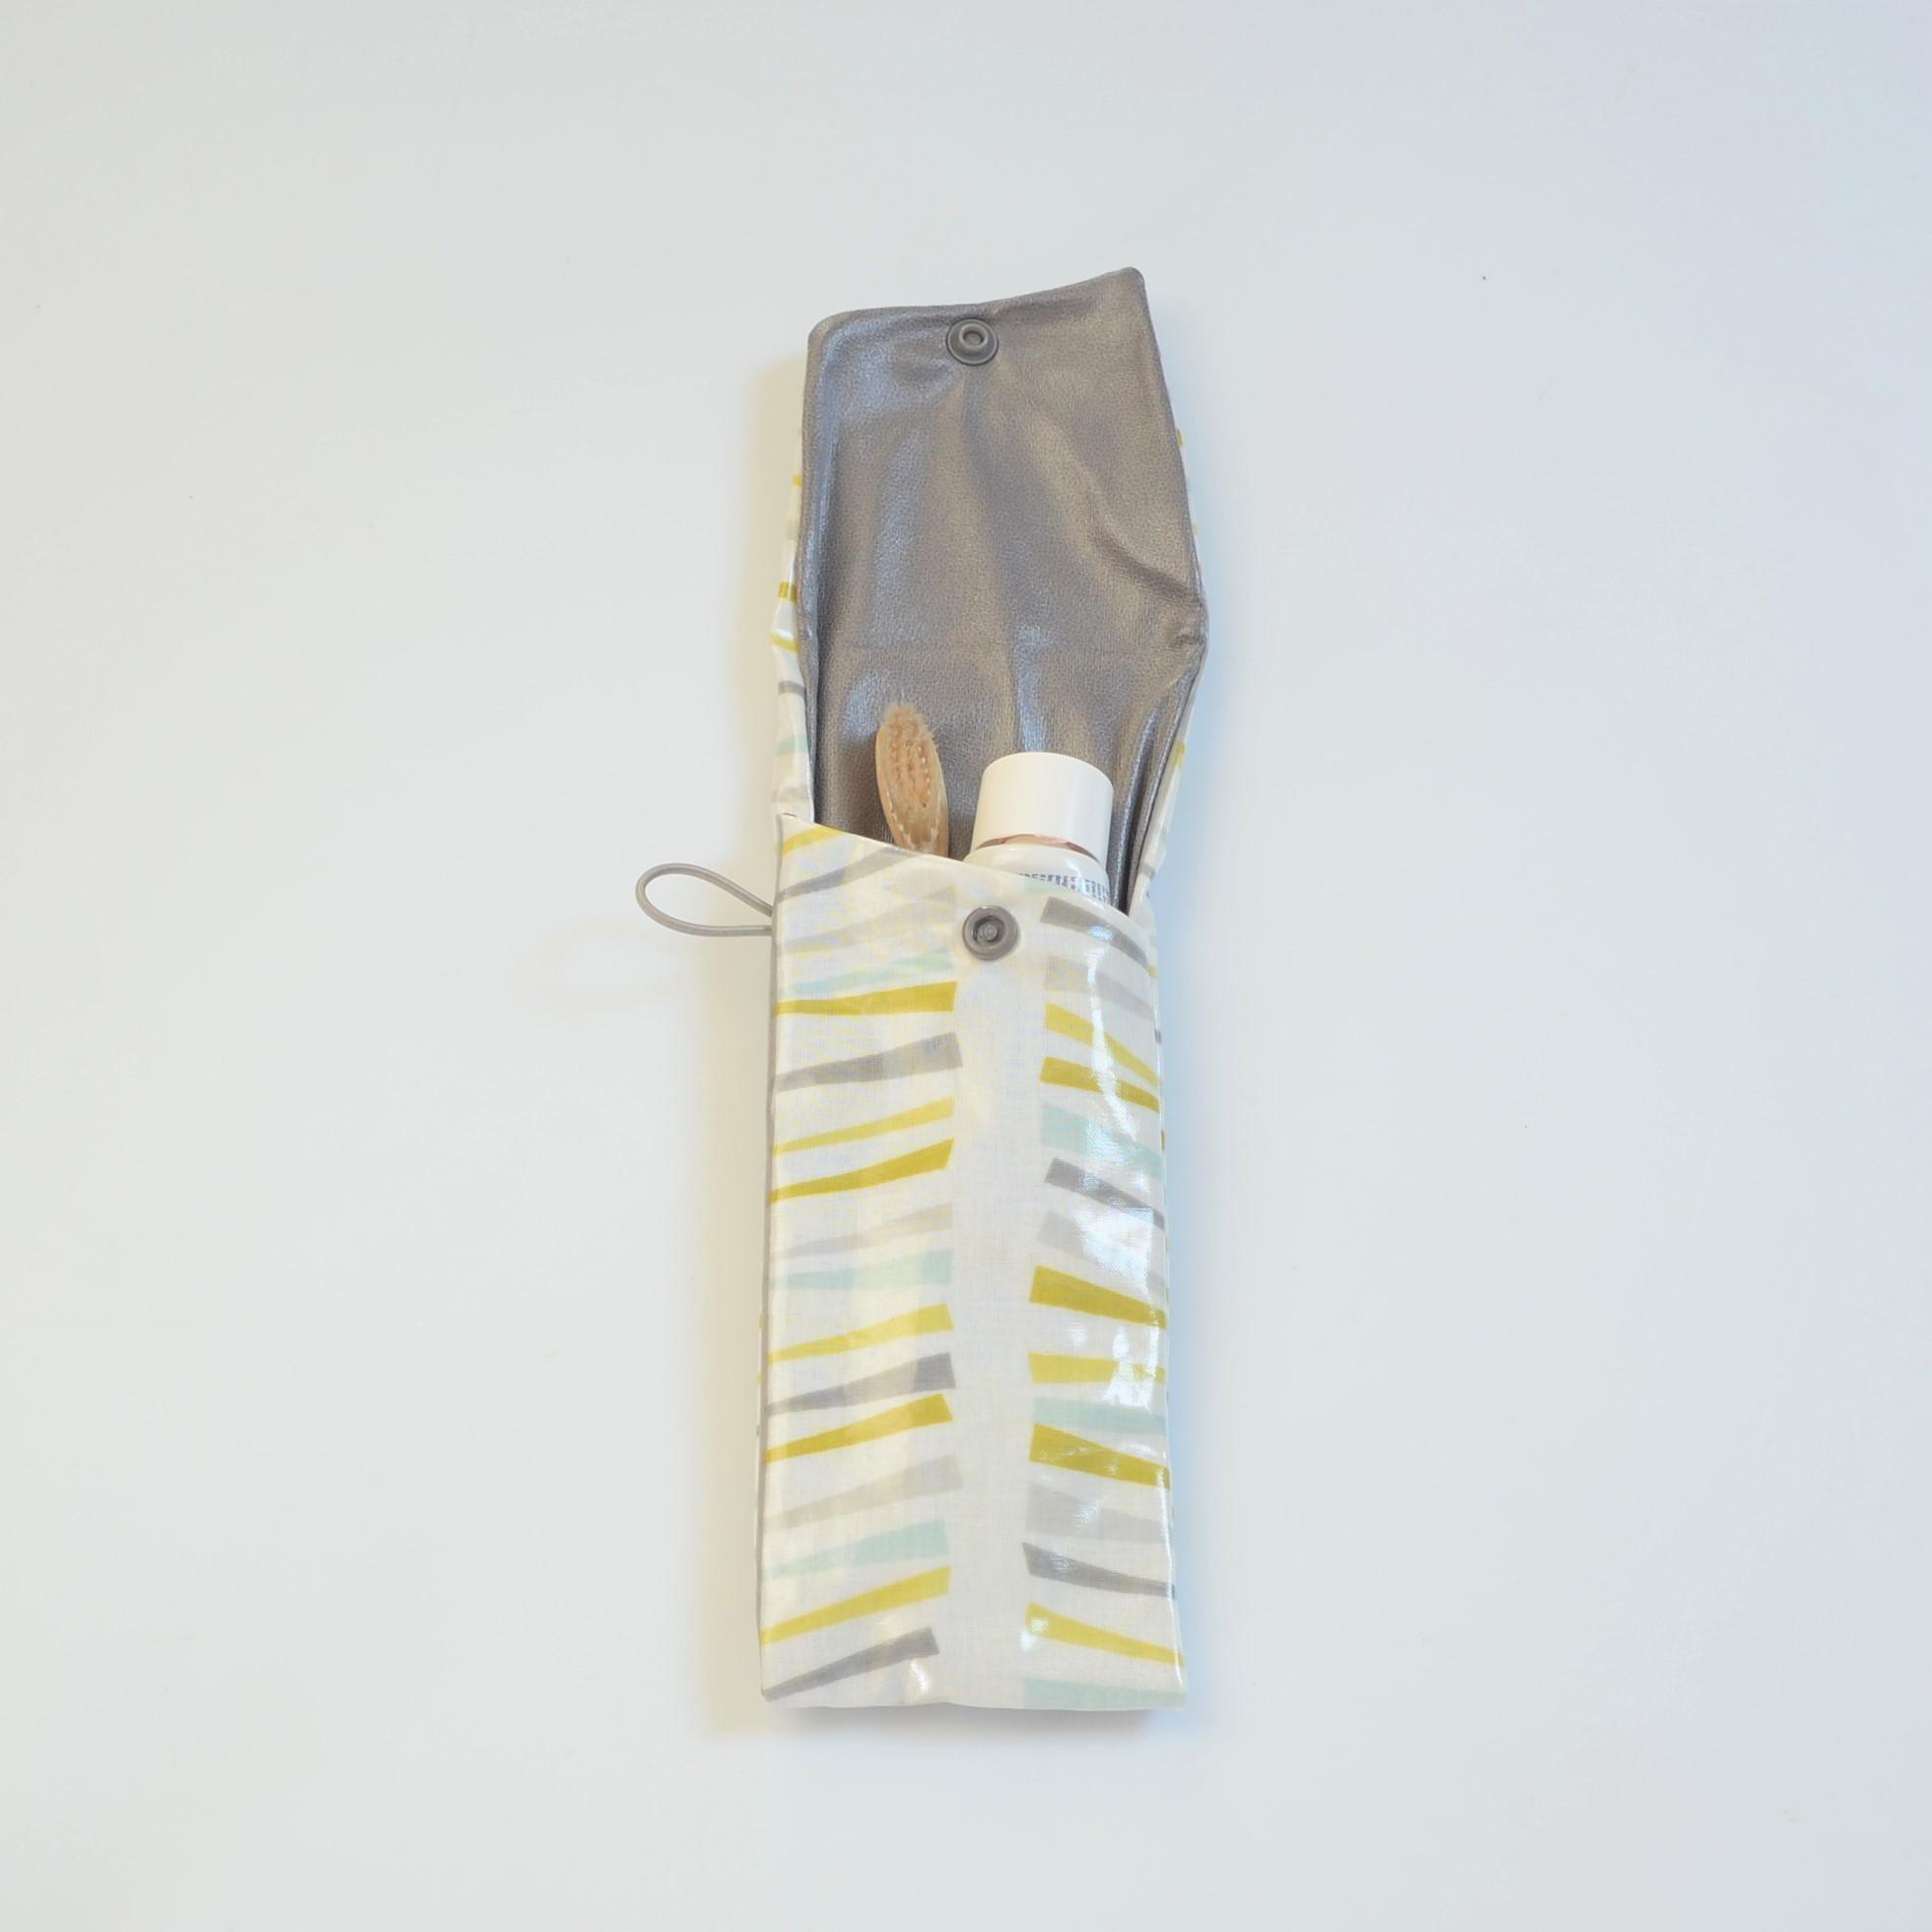 Etui imperméable pour brosse à dent et dentifrice motif branche--9995971568608